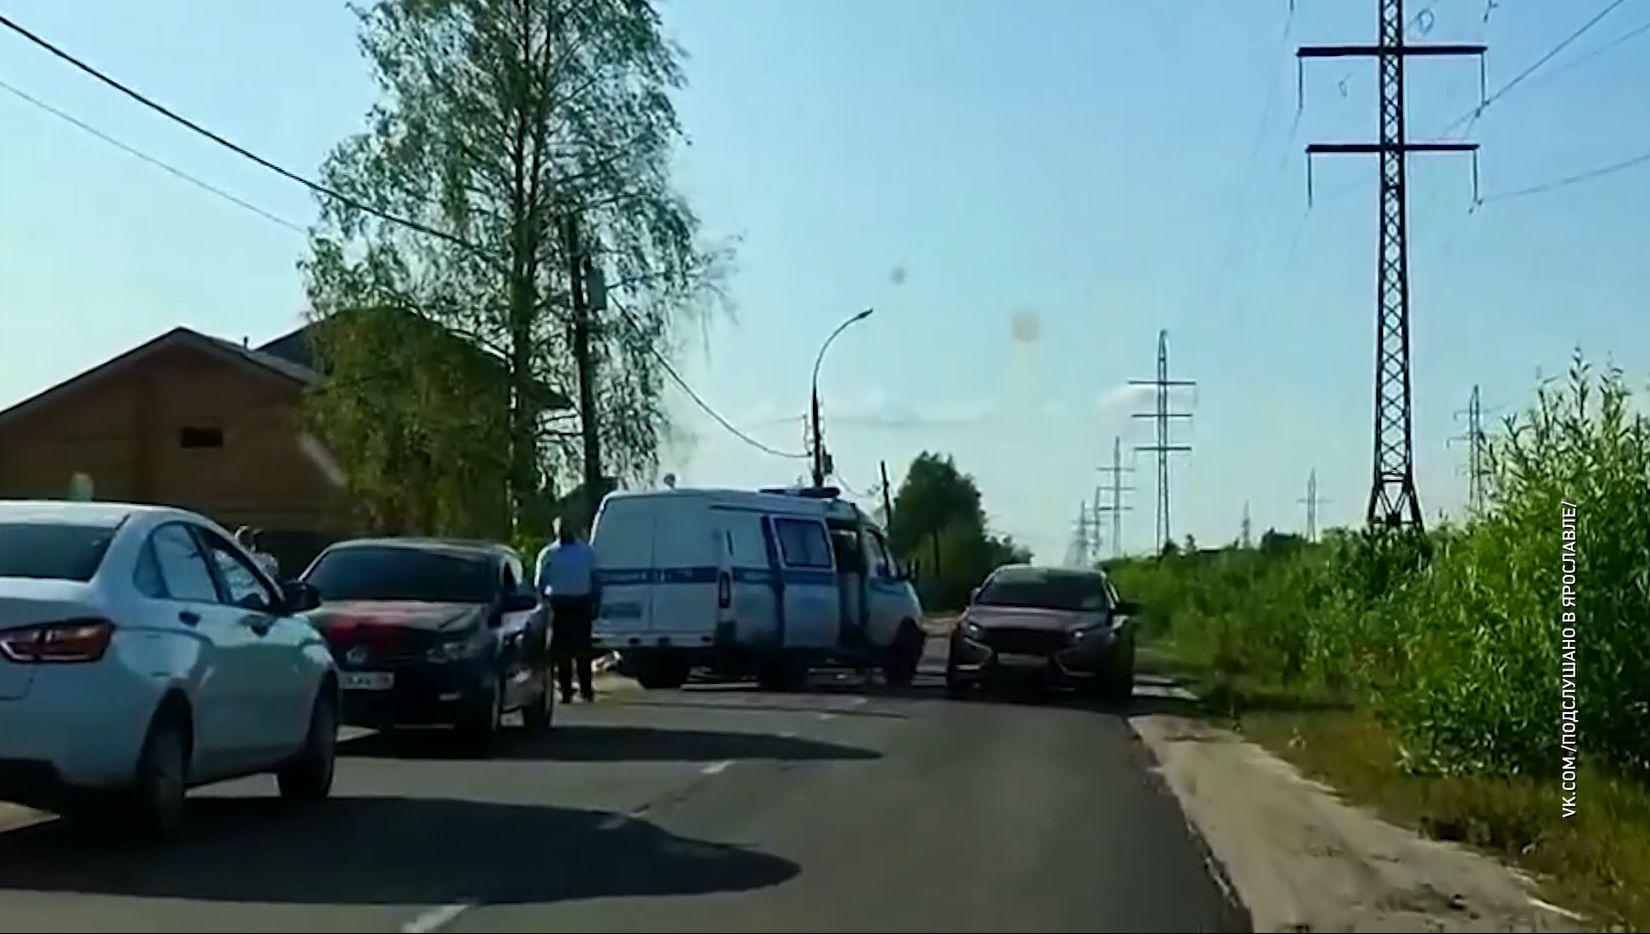 Стали известны результаты экспертизы по громкой истории на улице Декабристов в Ярославле